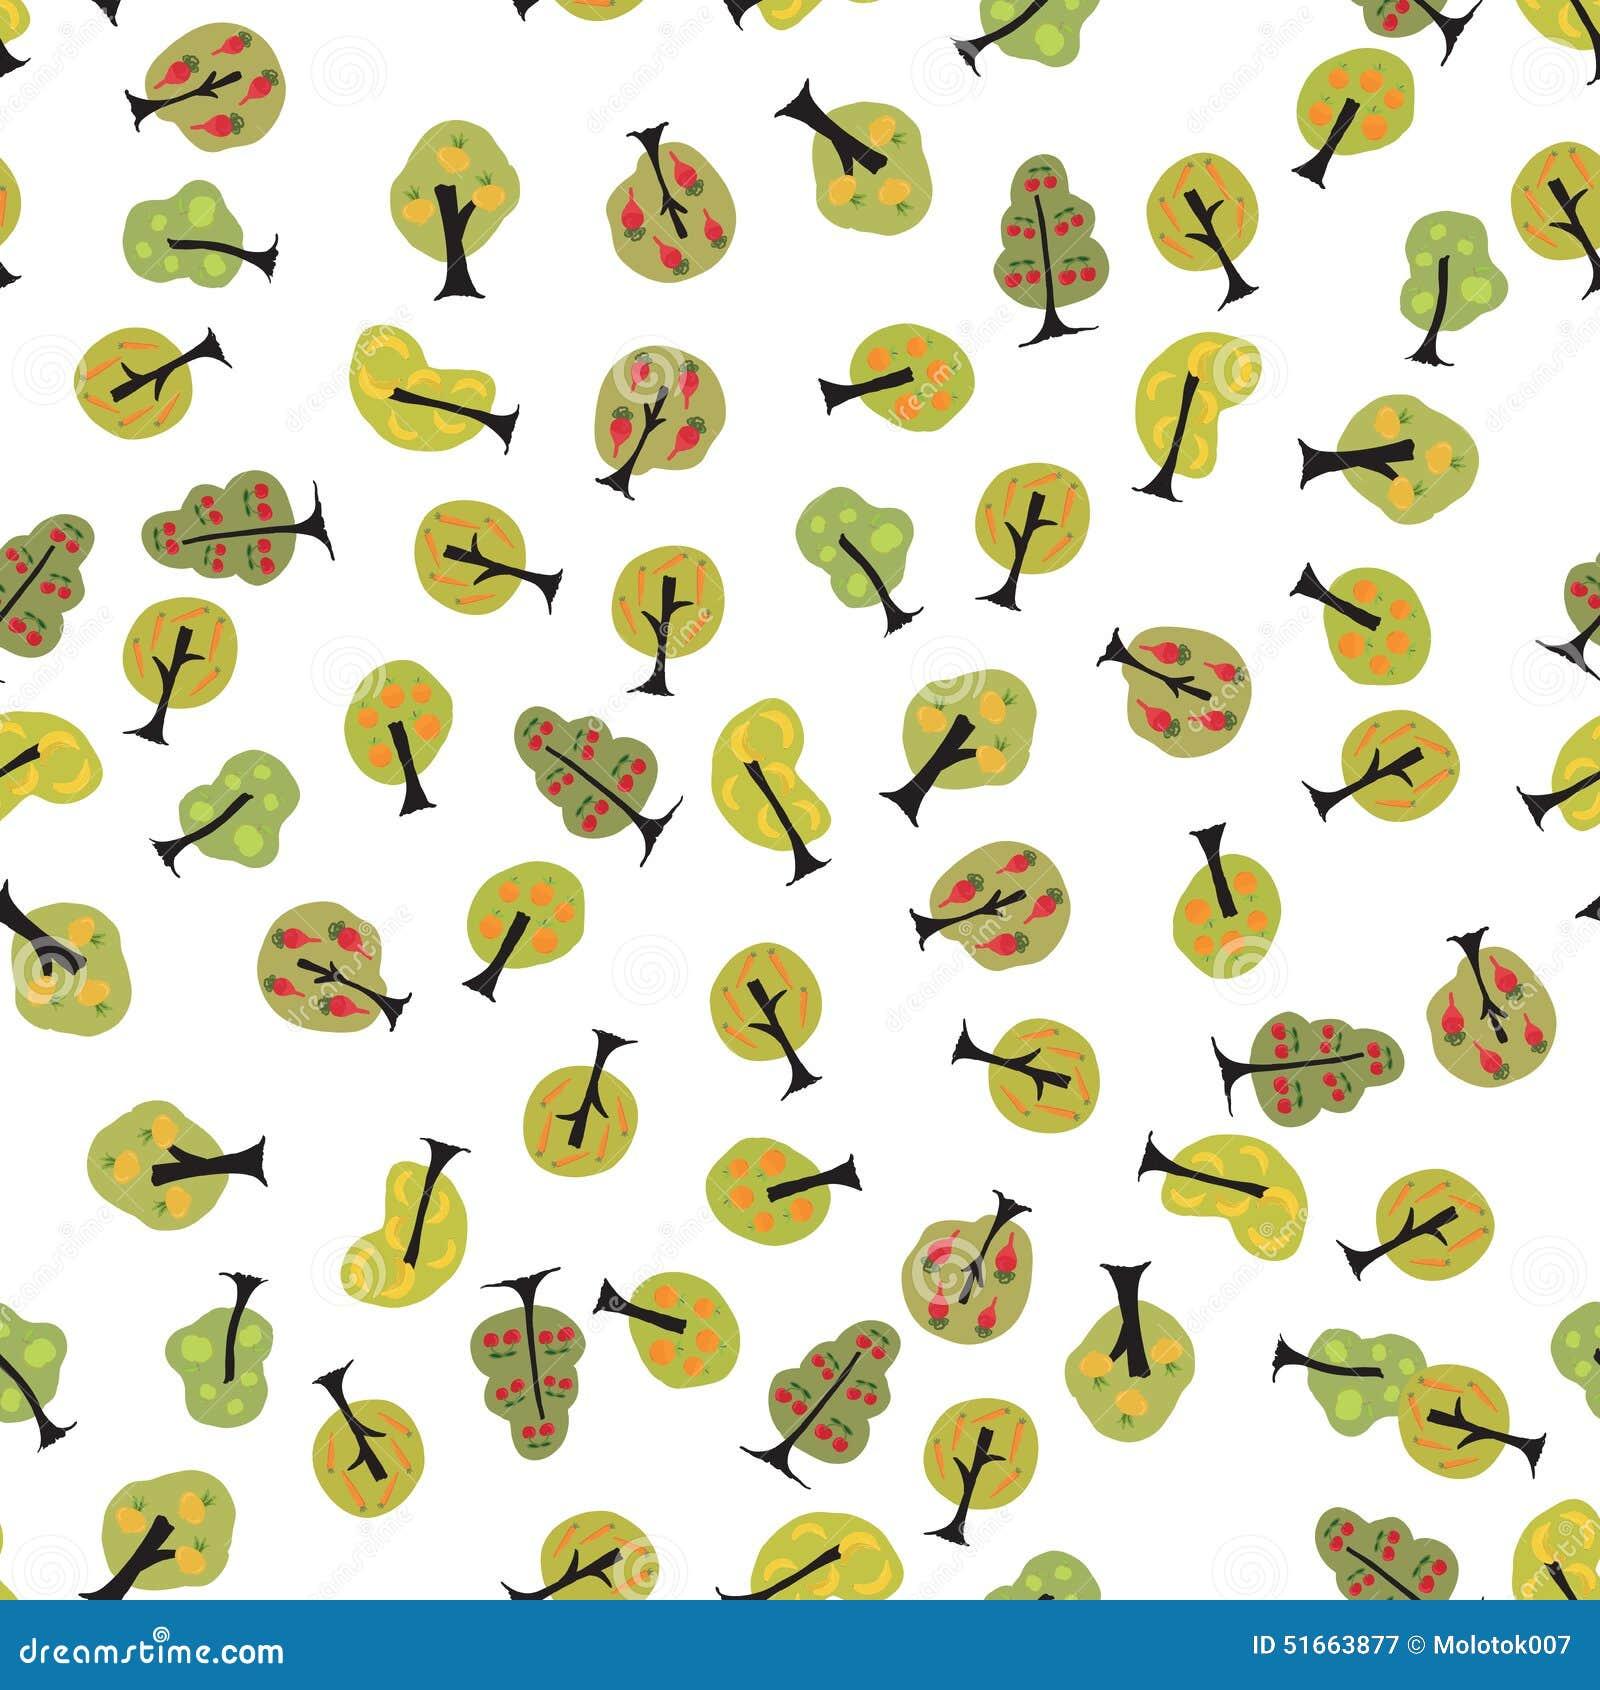 Leuke naadloze achtergrond met appel, peer, wortel, kers en bedelaars